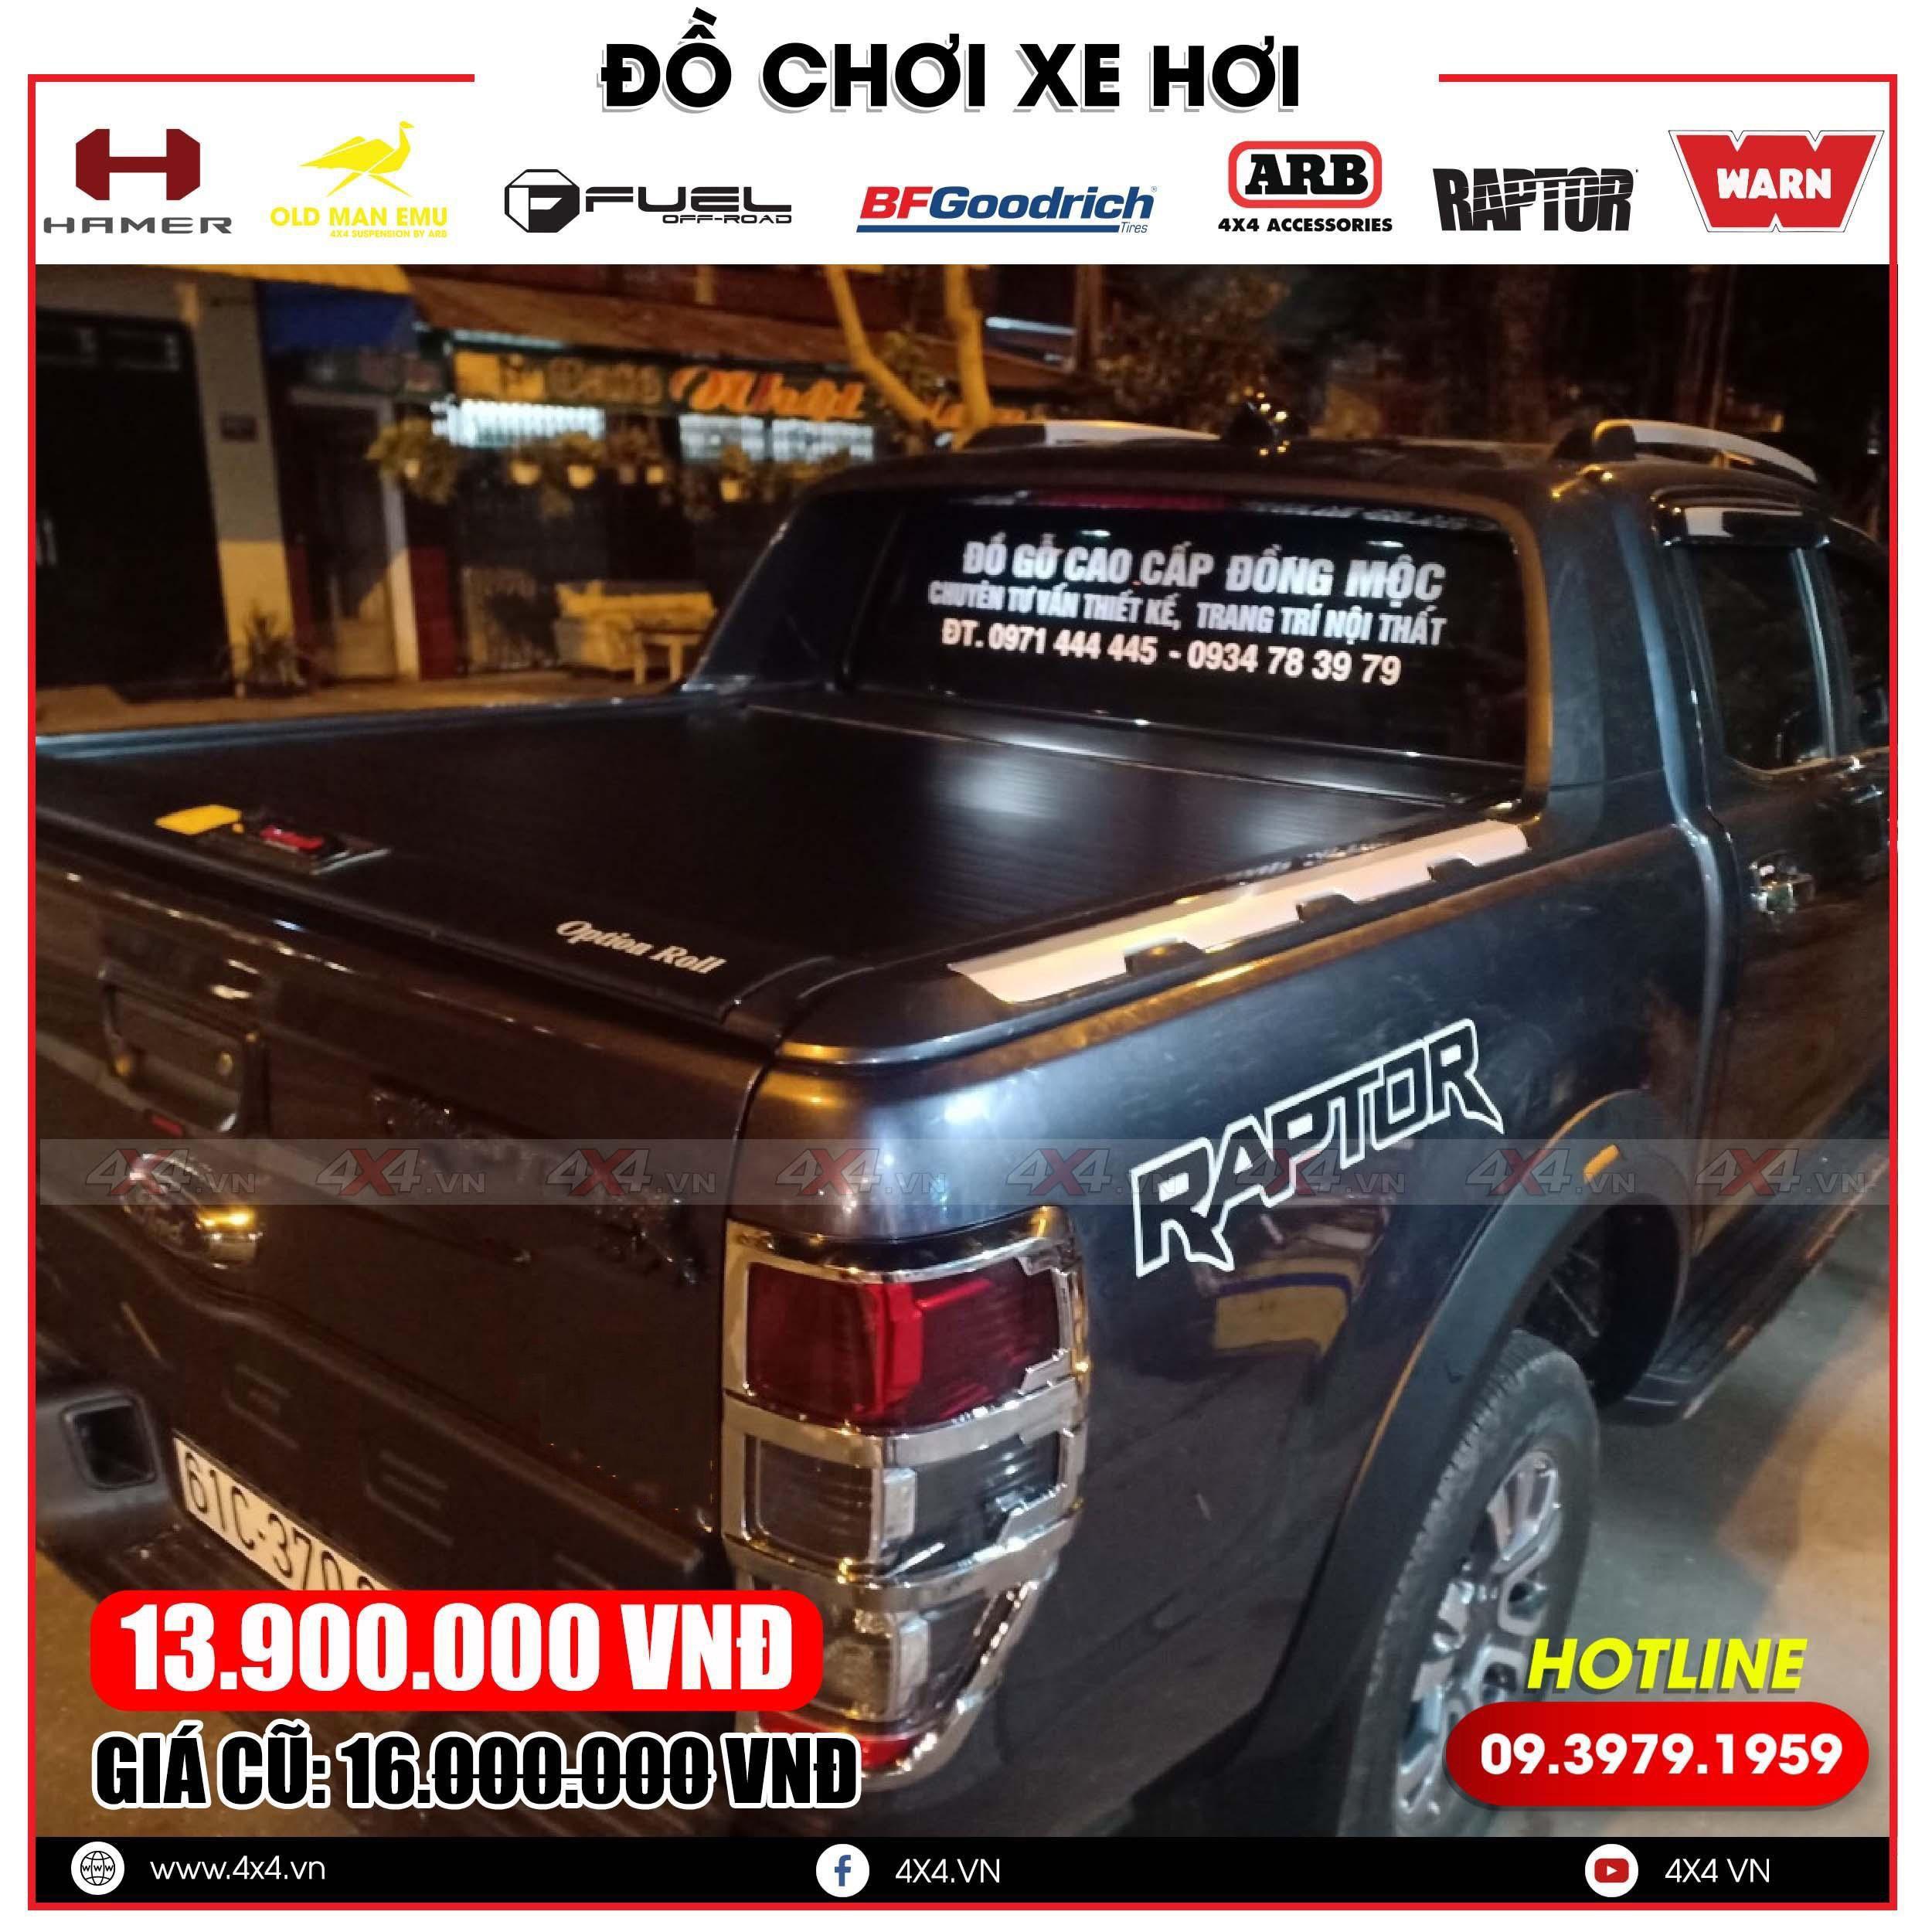 Xe bán tải Ford Ranger Raptor độ nắp thùng cuộn Option Roll đẹp, ngầu và tiện lợi